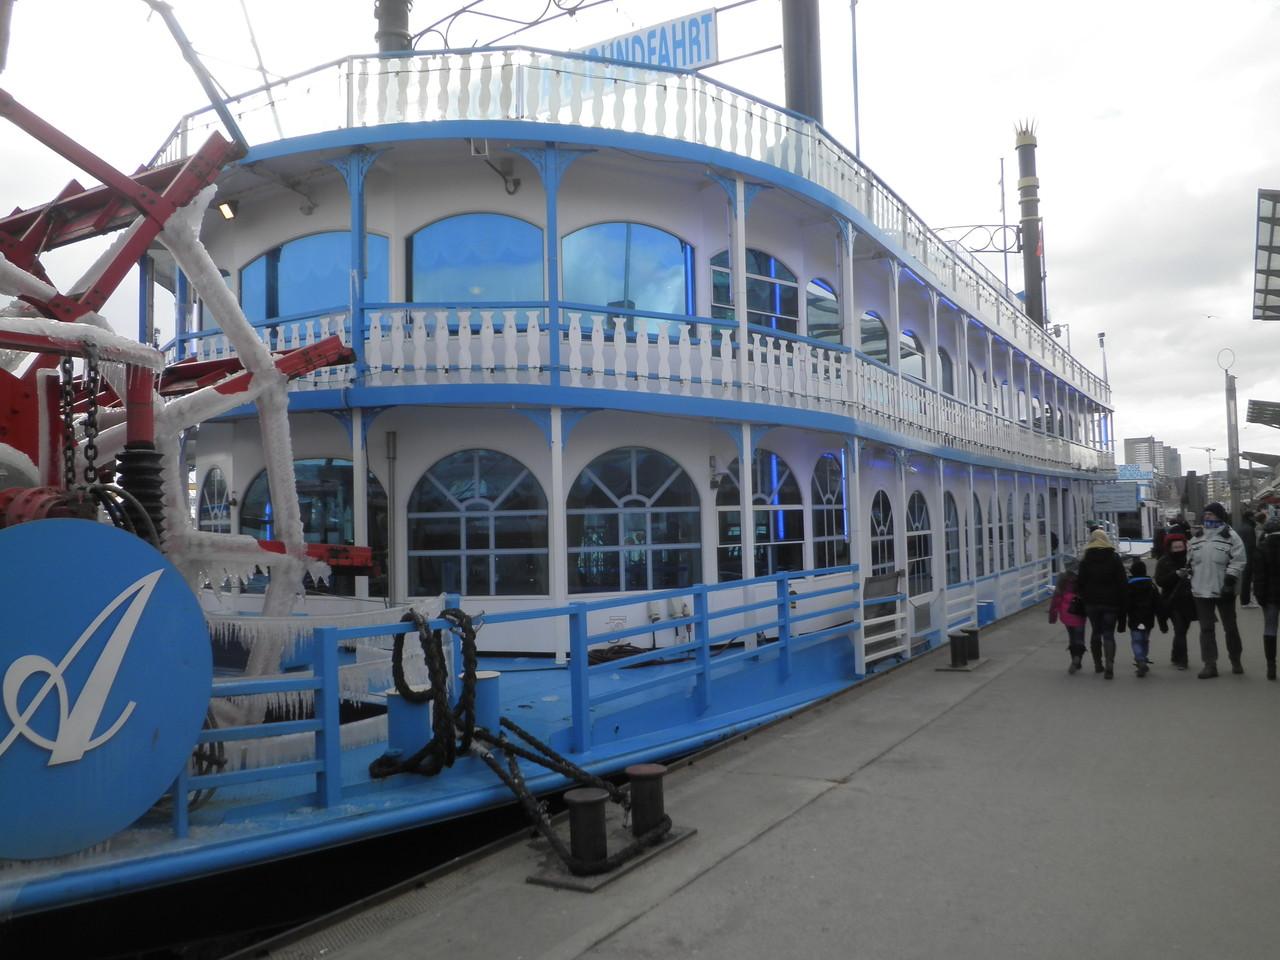 Eines der Boote der Hafenrundfahrt